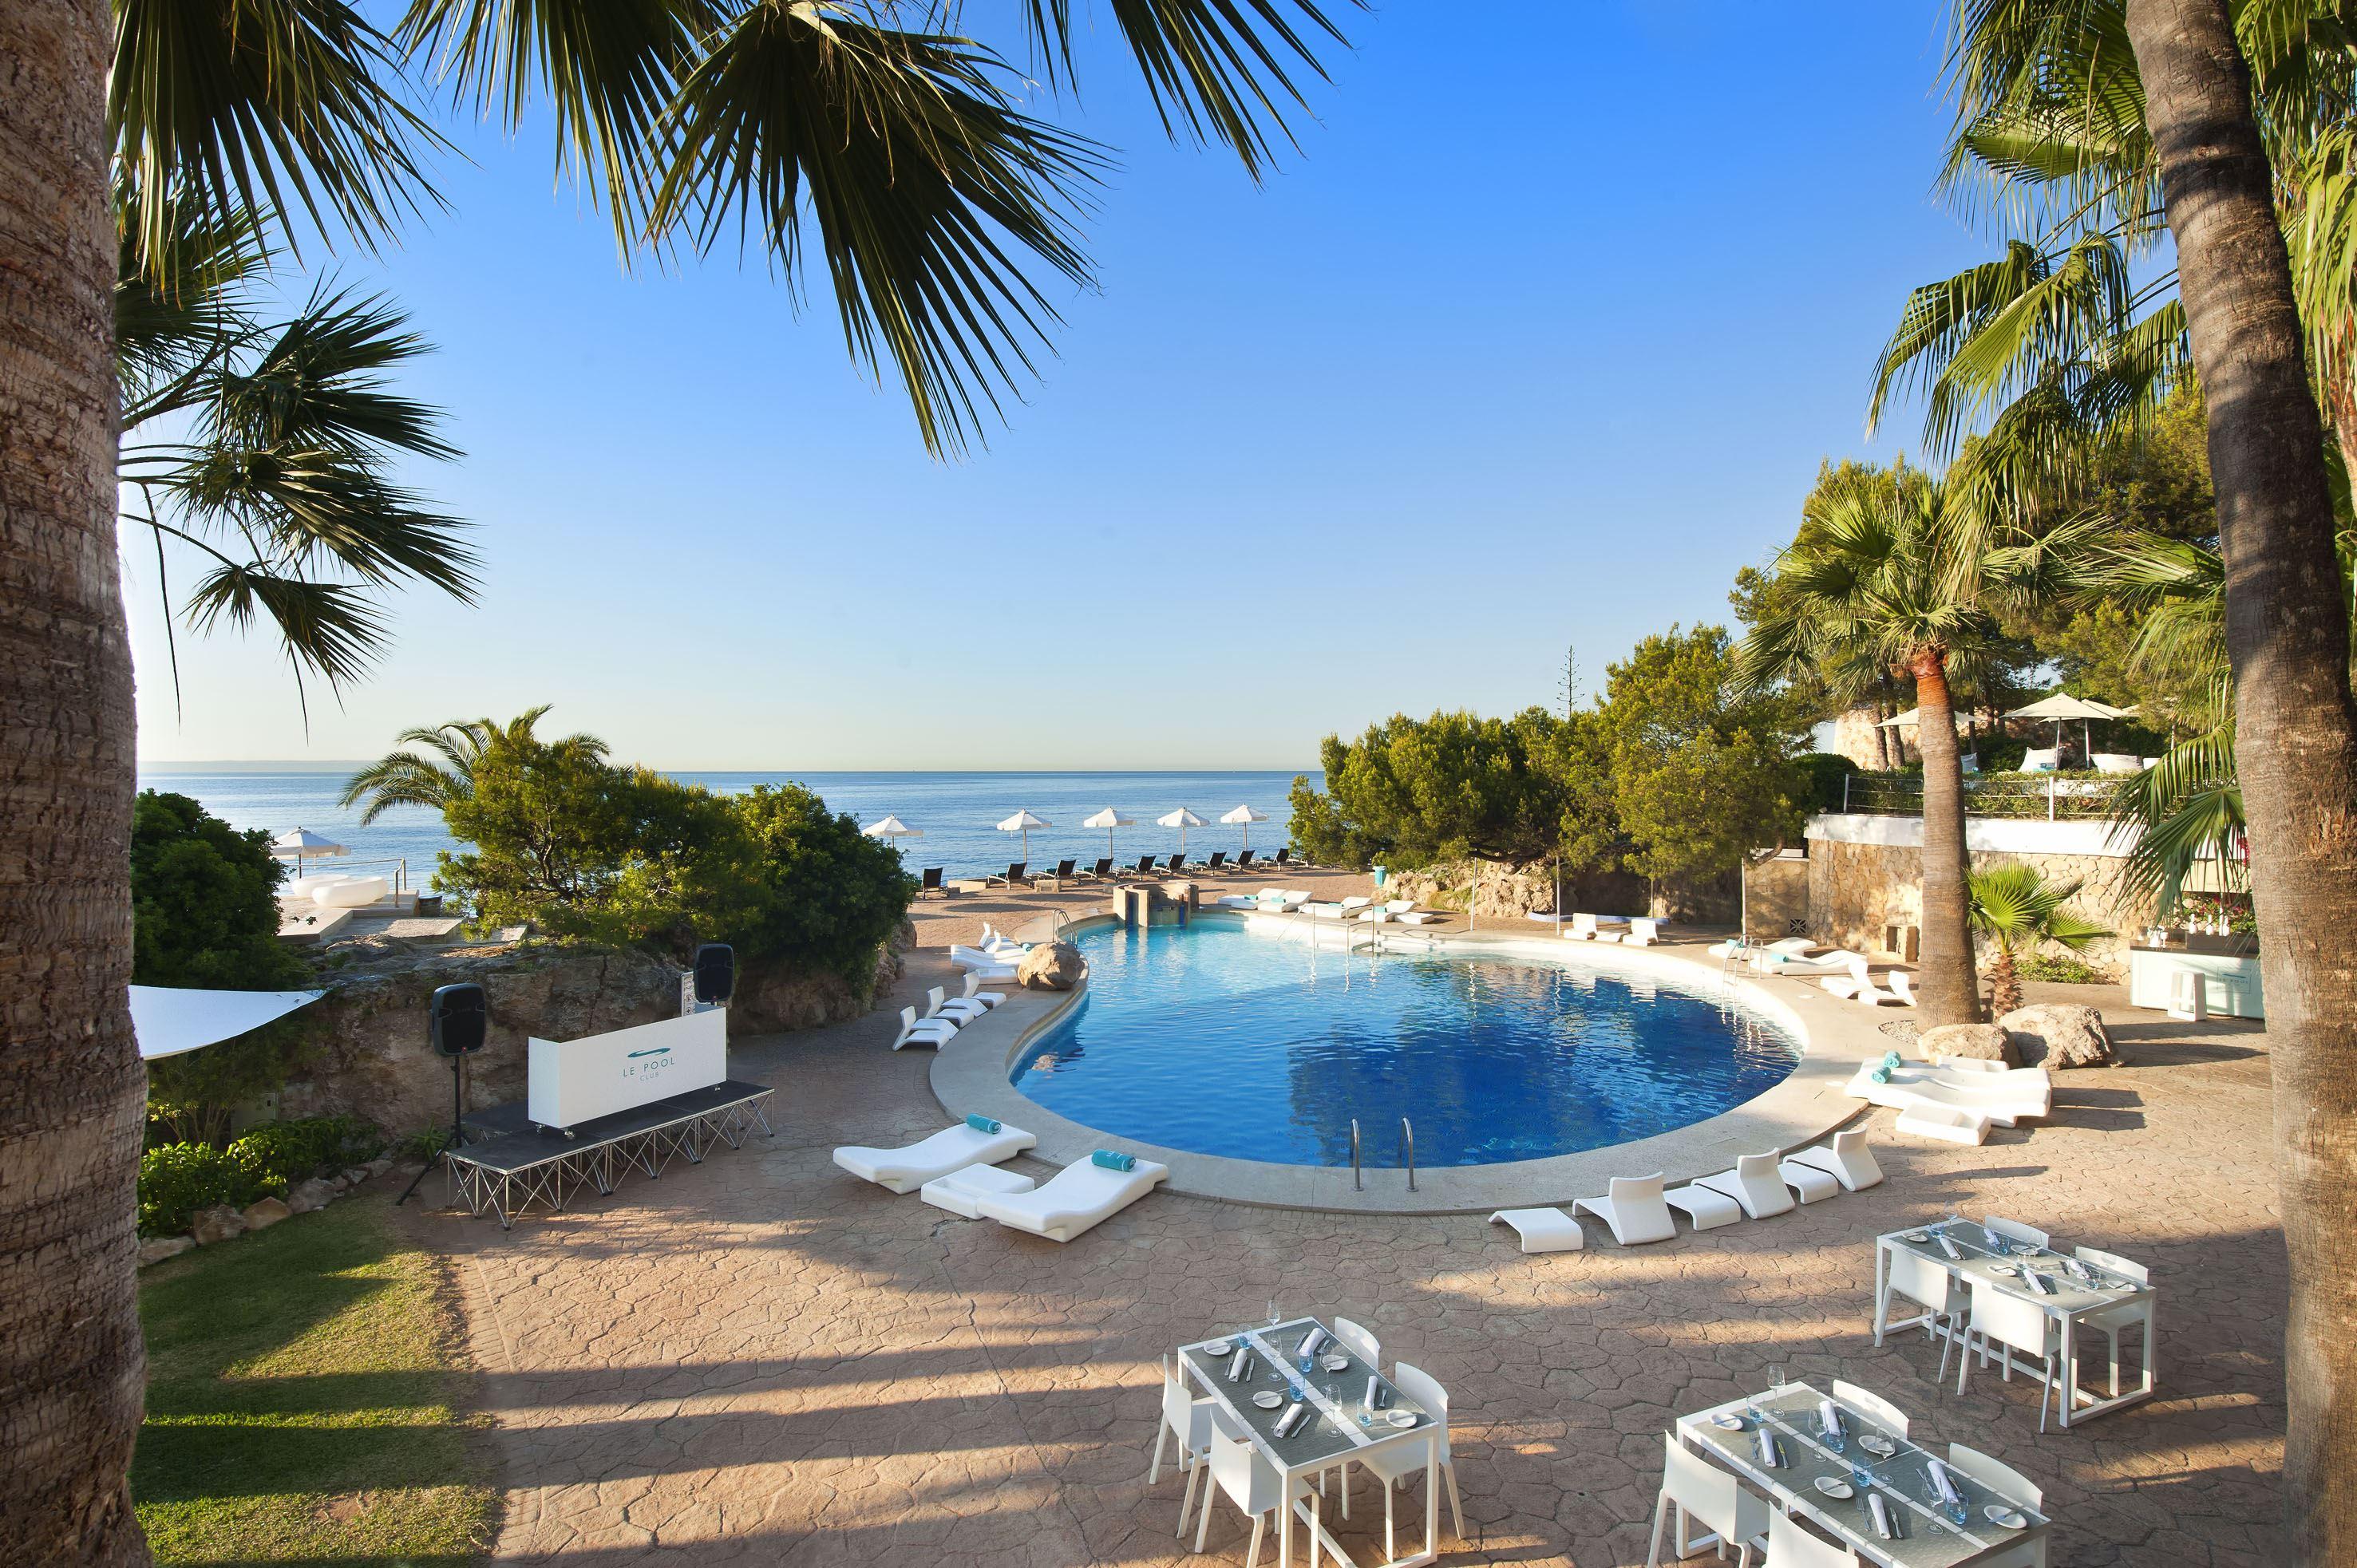 Poolområde på Hotell Gran Melia de Mar, Illetas Mallorca